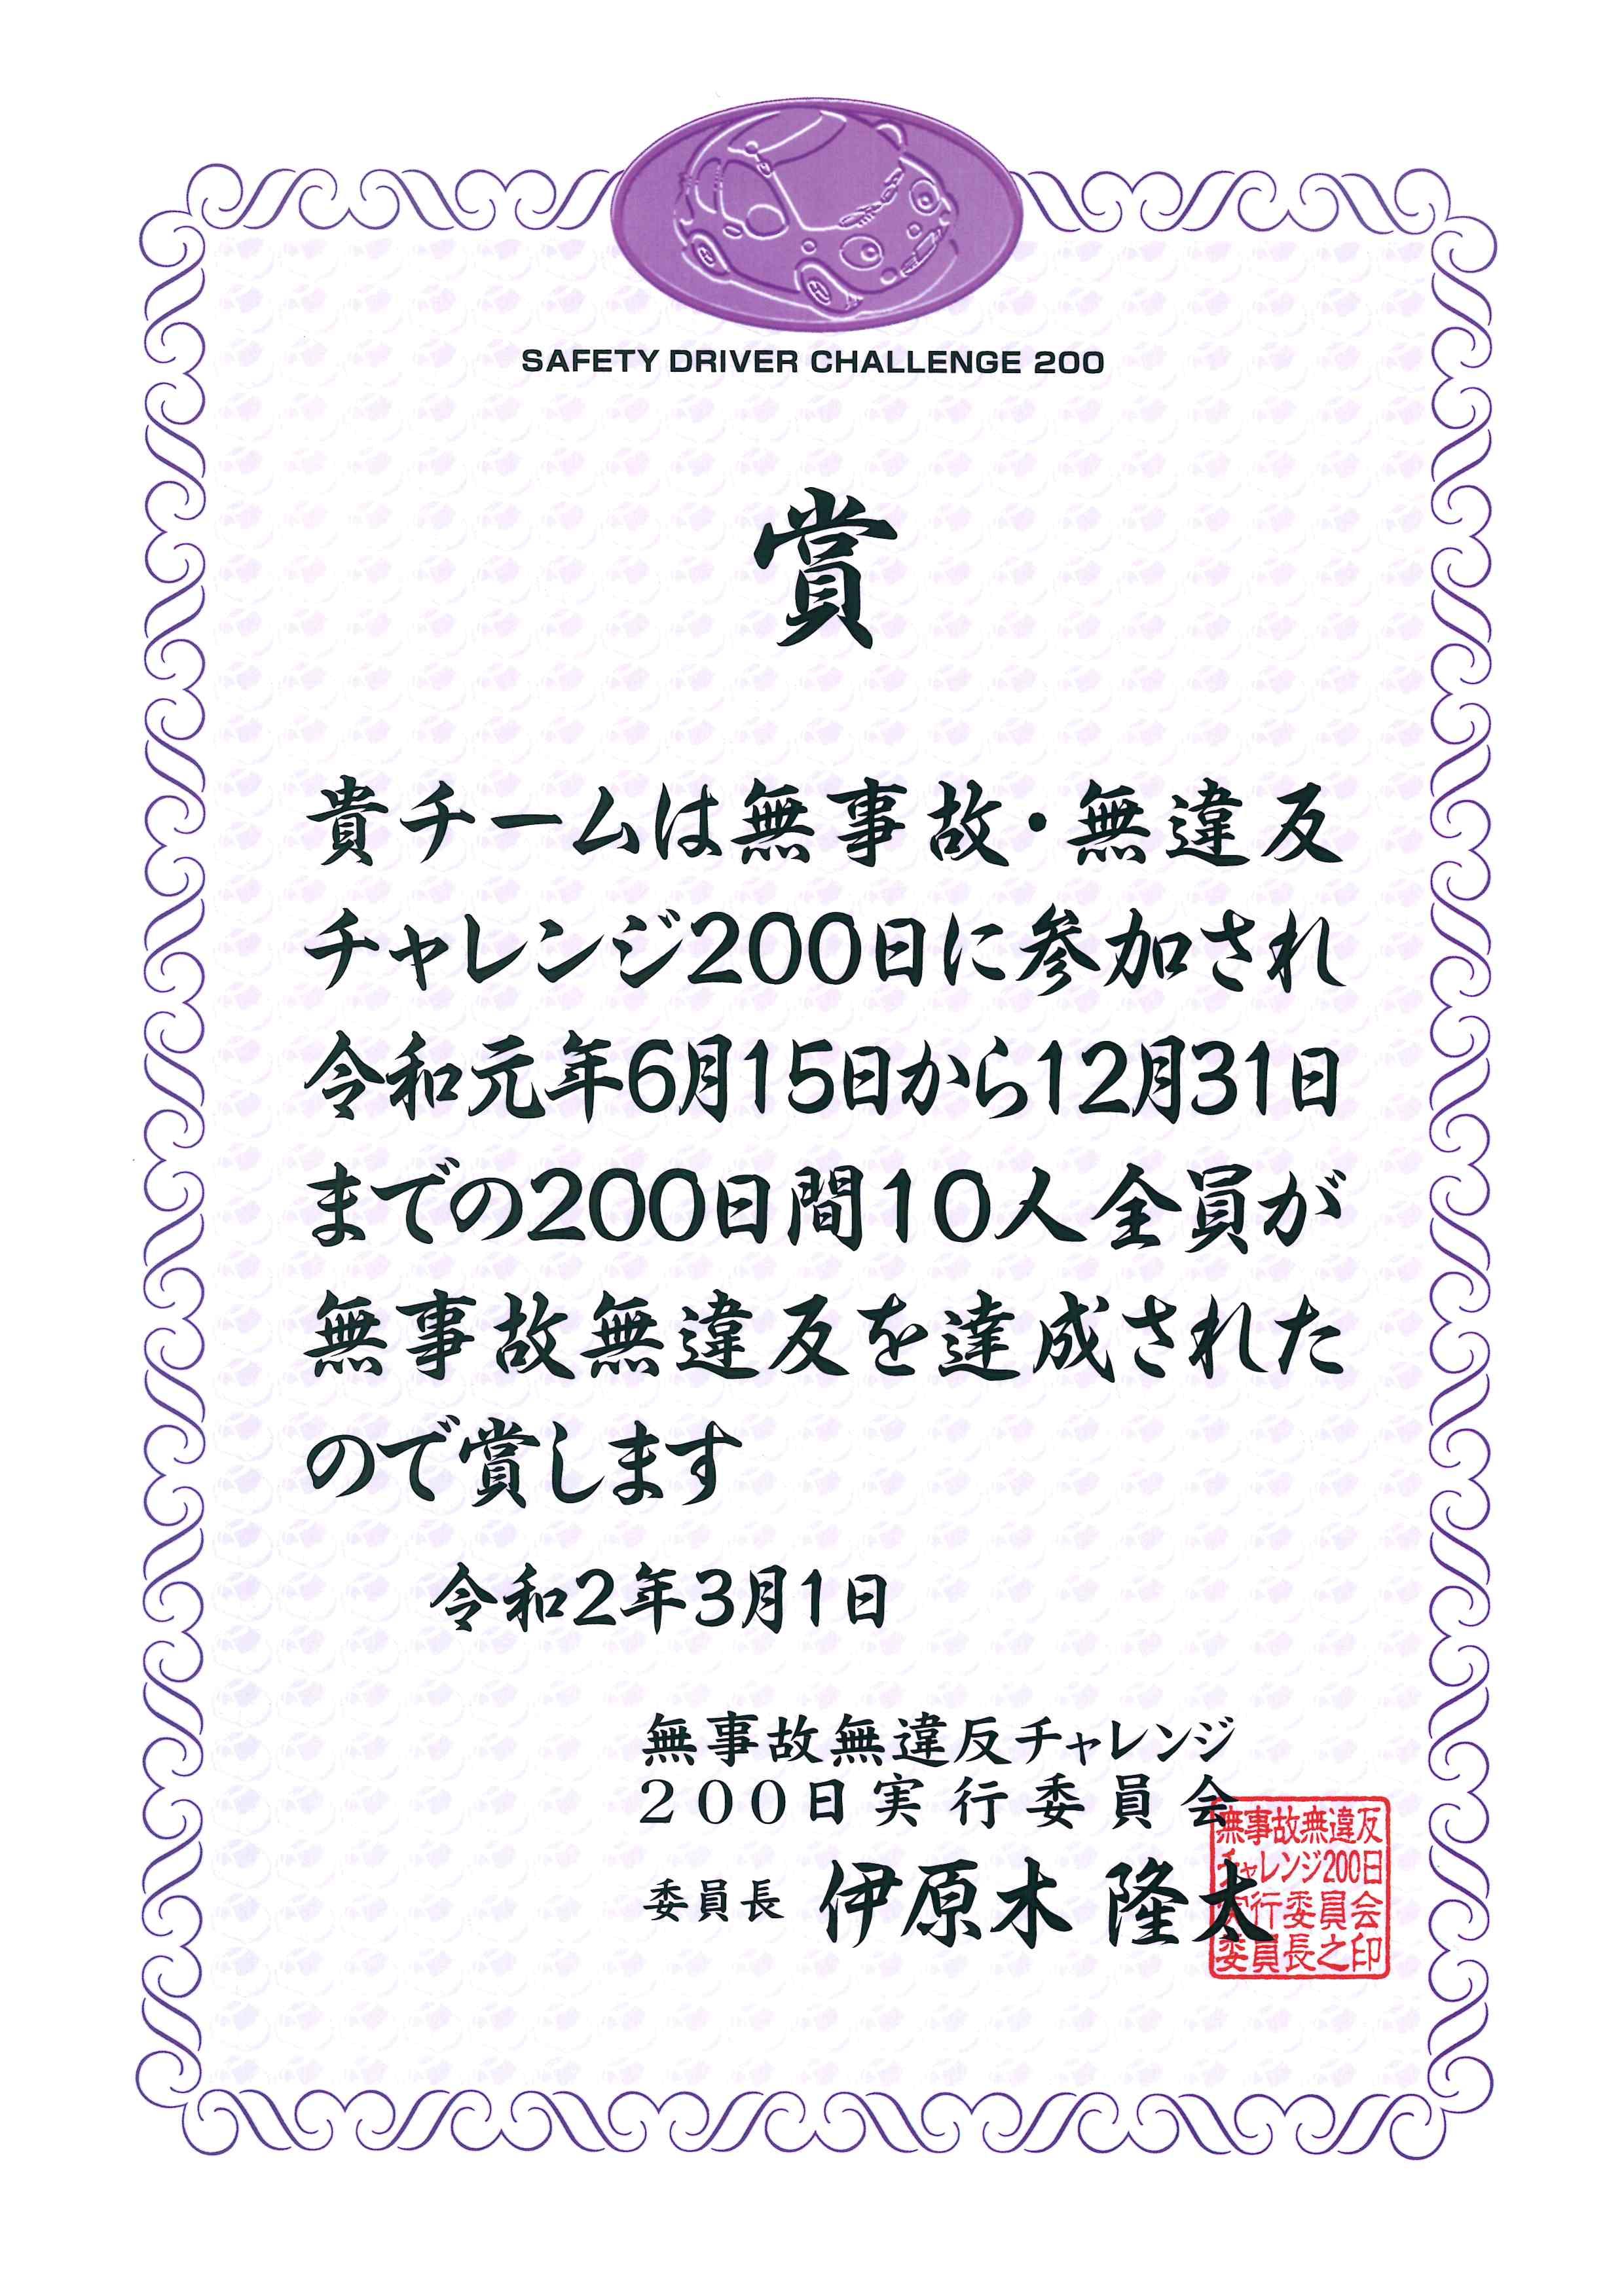 第27回無事故・無違反チャレンジ200日受賞